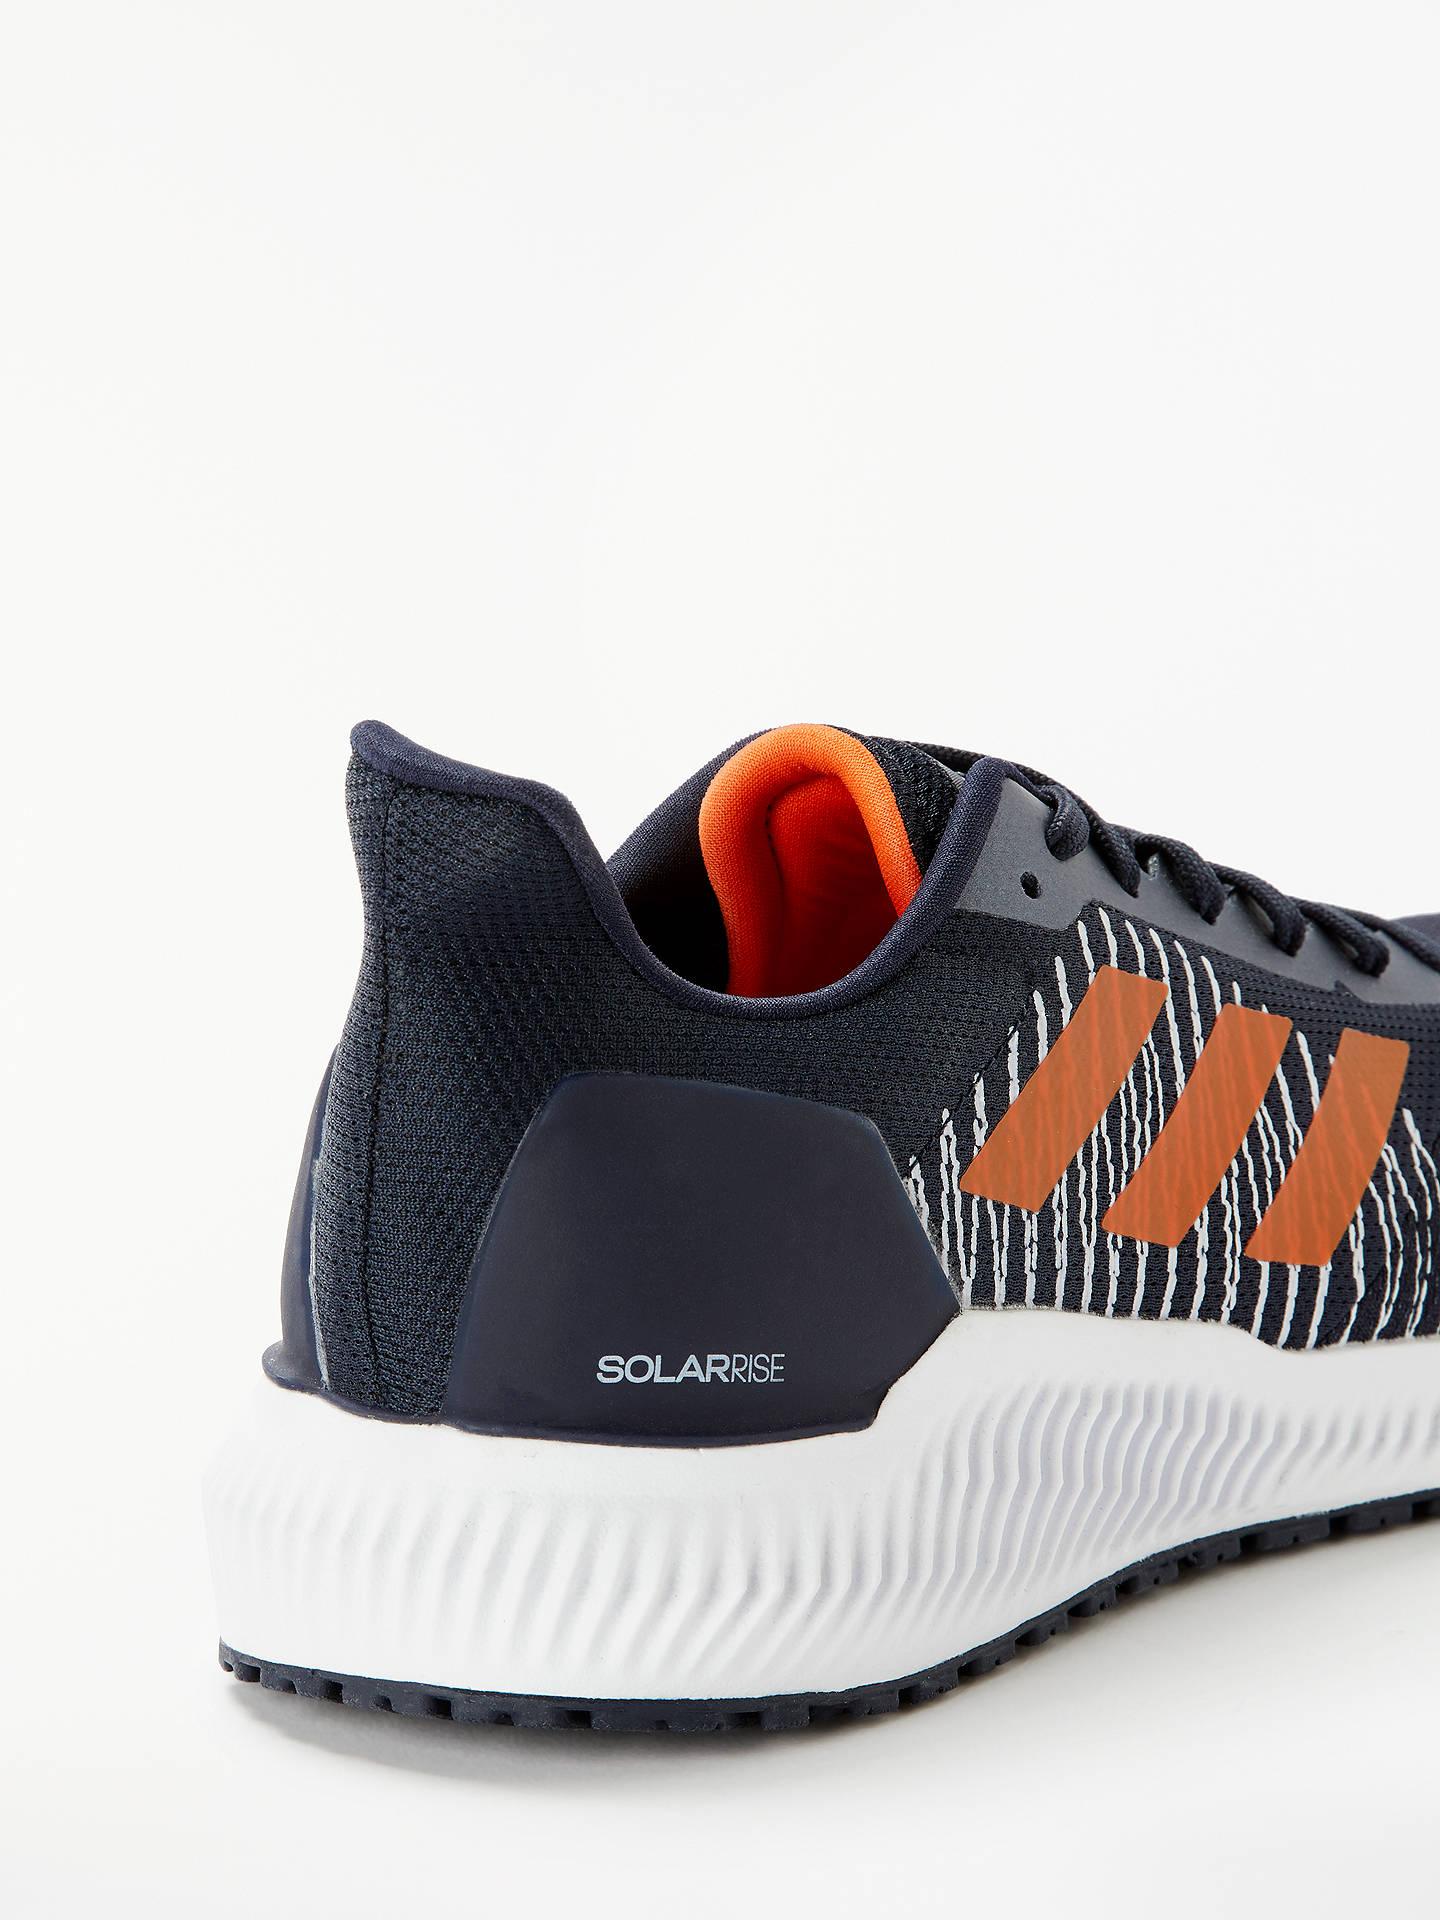 ShoesLegend Orange Solar Running Men's Ride Inktrue Adidas kTwZXulPiO